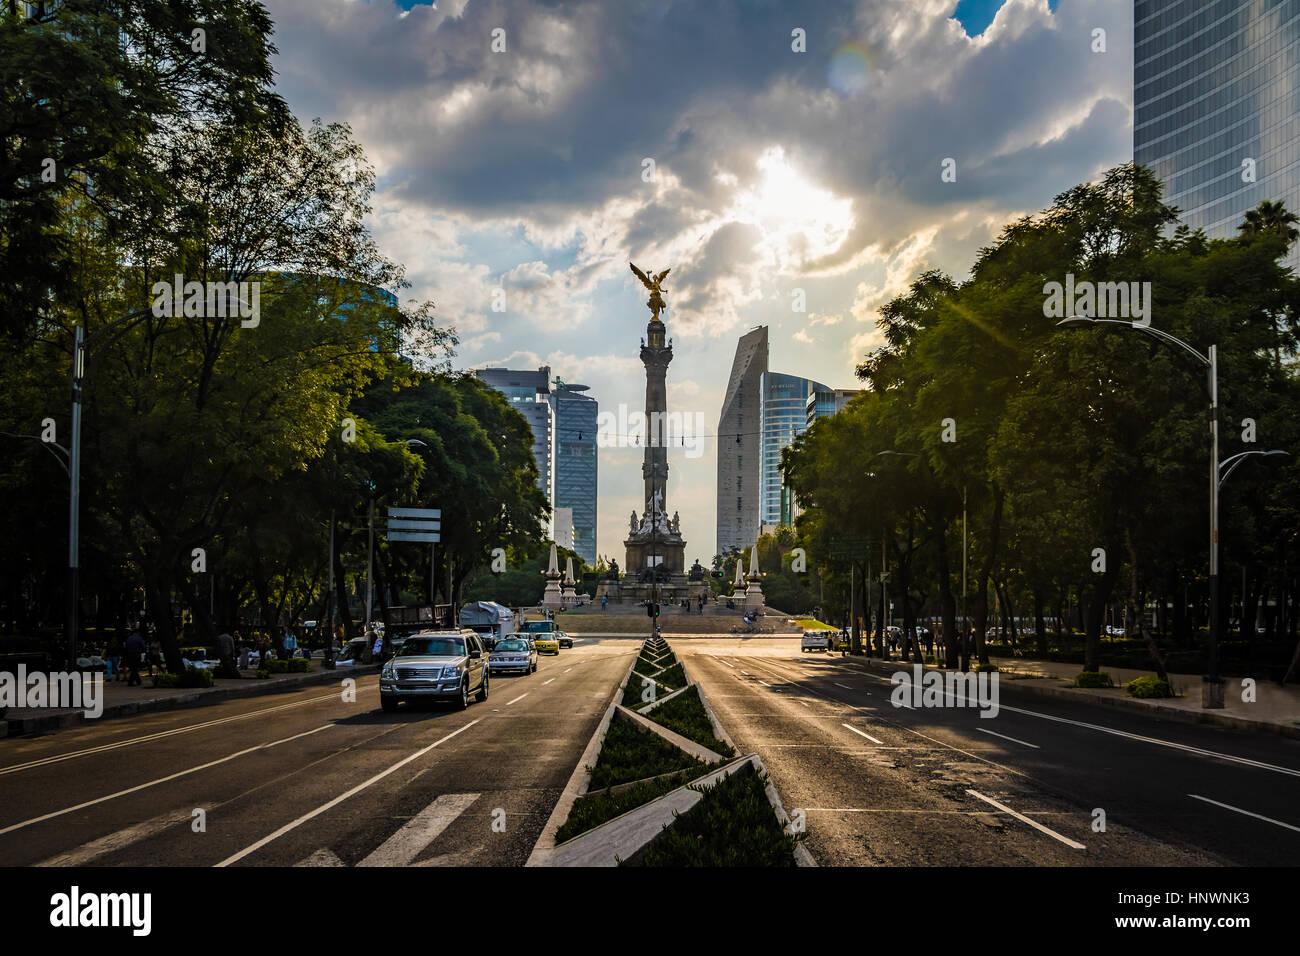 Paseo de La Reforma Avenue et Ángel de la Independencia - Mexico, Mexique Photo Stock